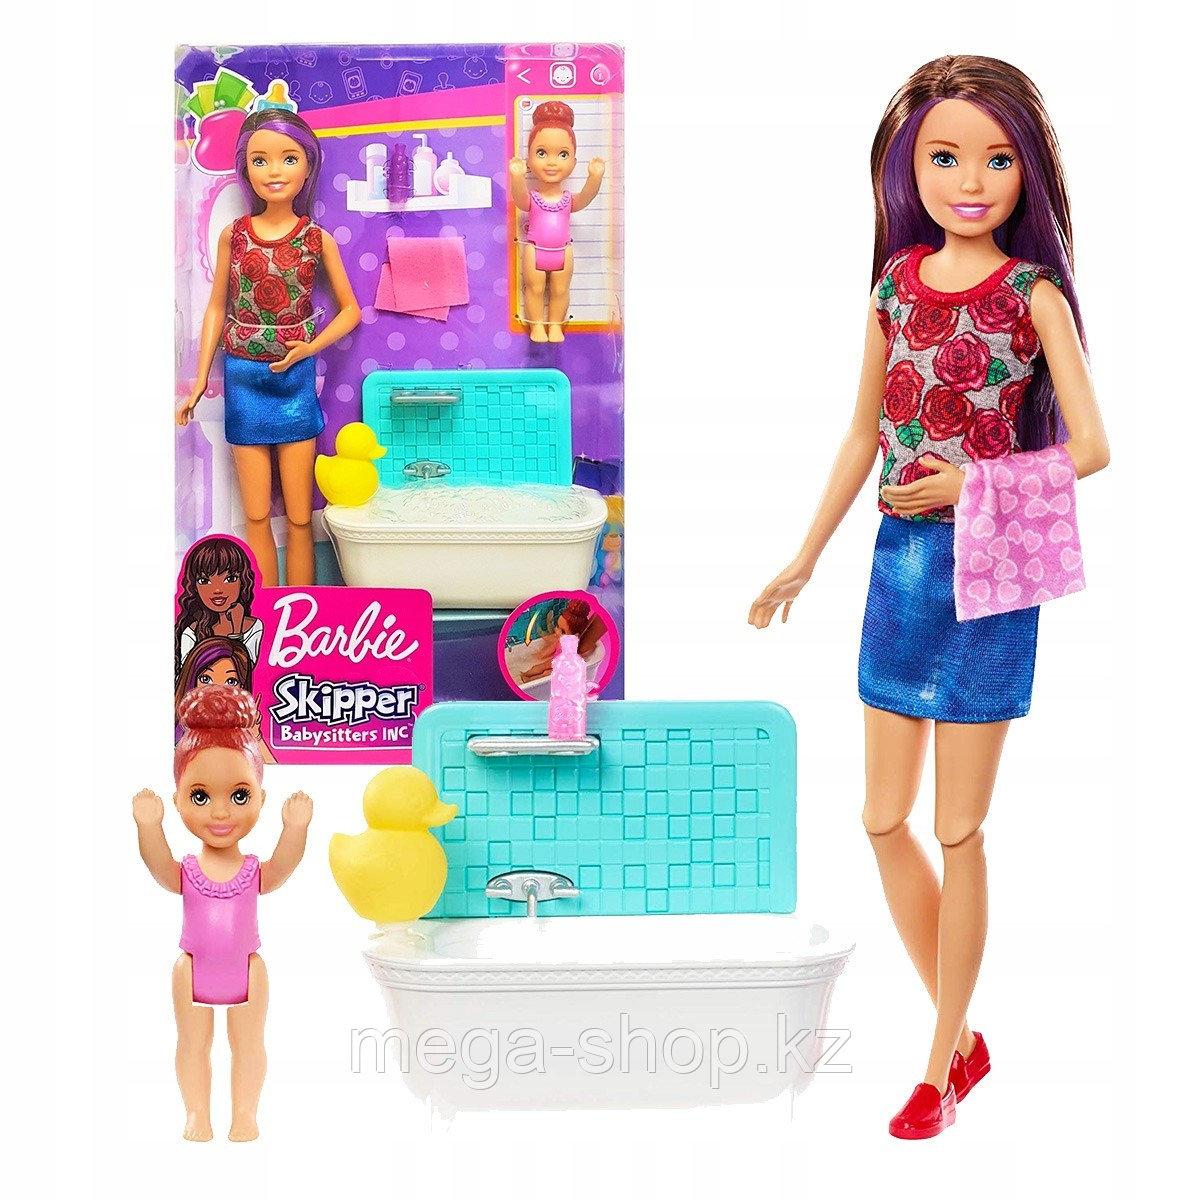 Набор Barbie Няня Скиппер с малышкой оригинал от mattel. Barbie skipper babysitters inc. - фото 1